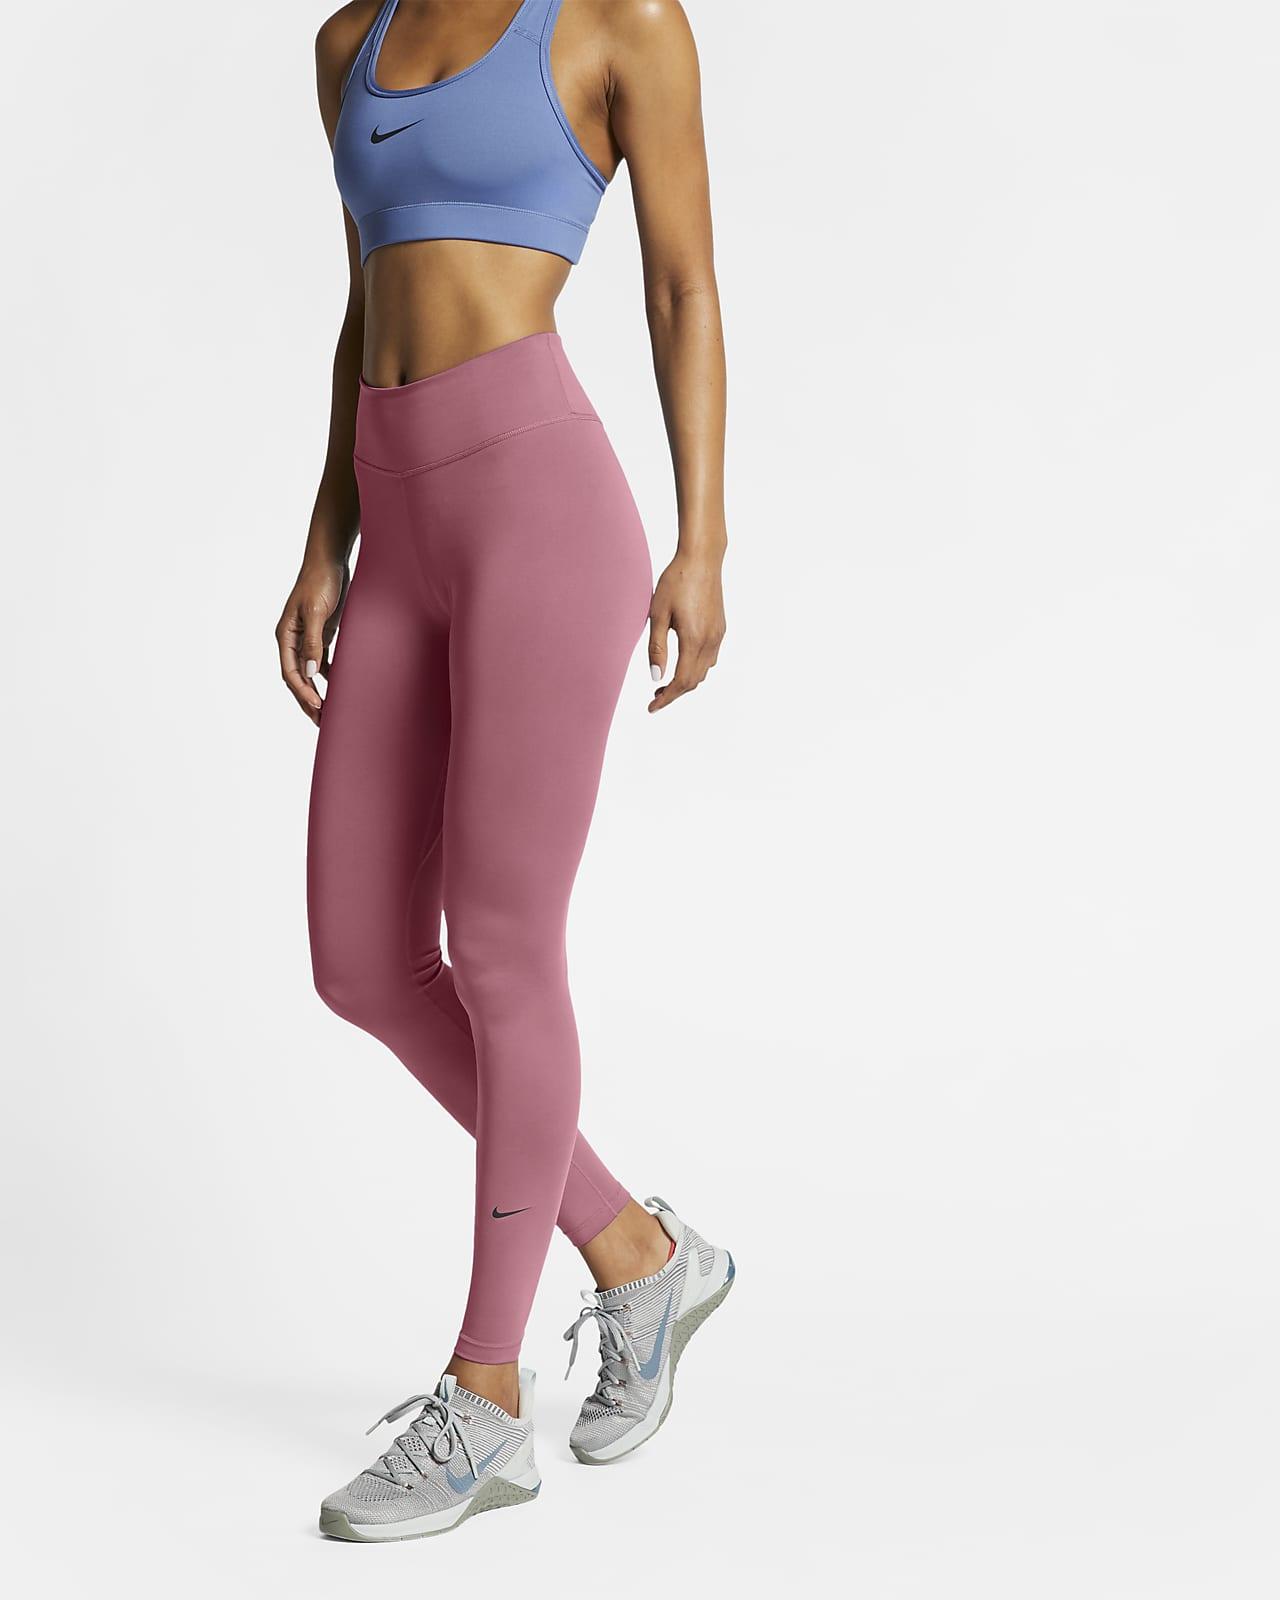 Fuerza dialecto A menudo hablado  Nike One Damen-Tights mit halbhohem Bund. Nike CH